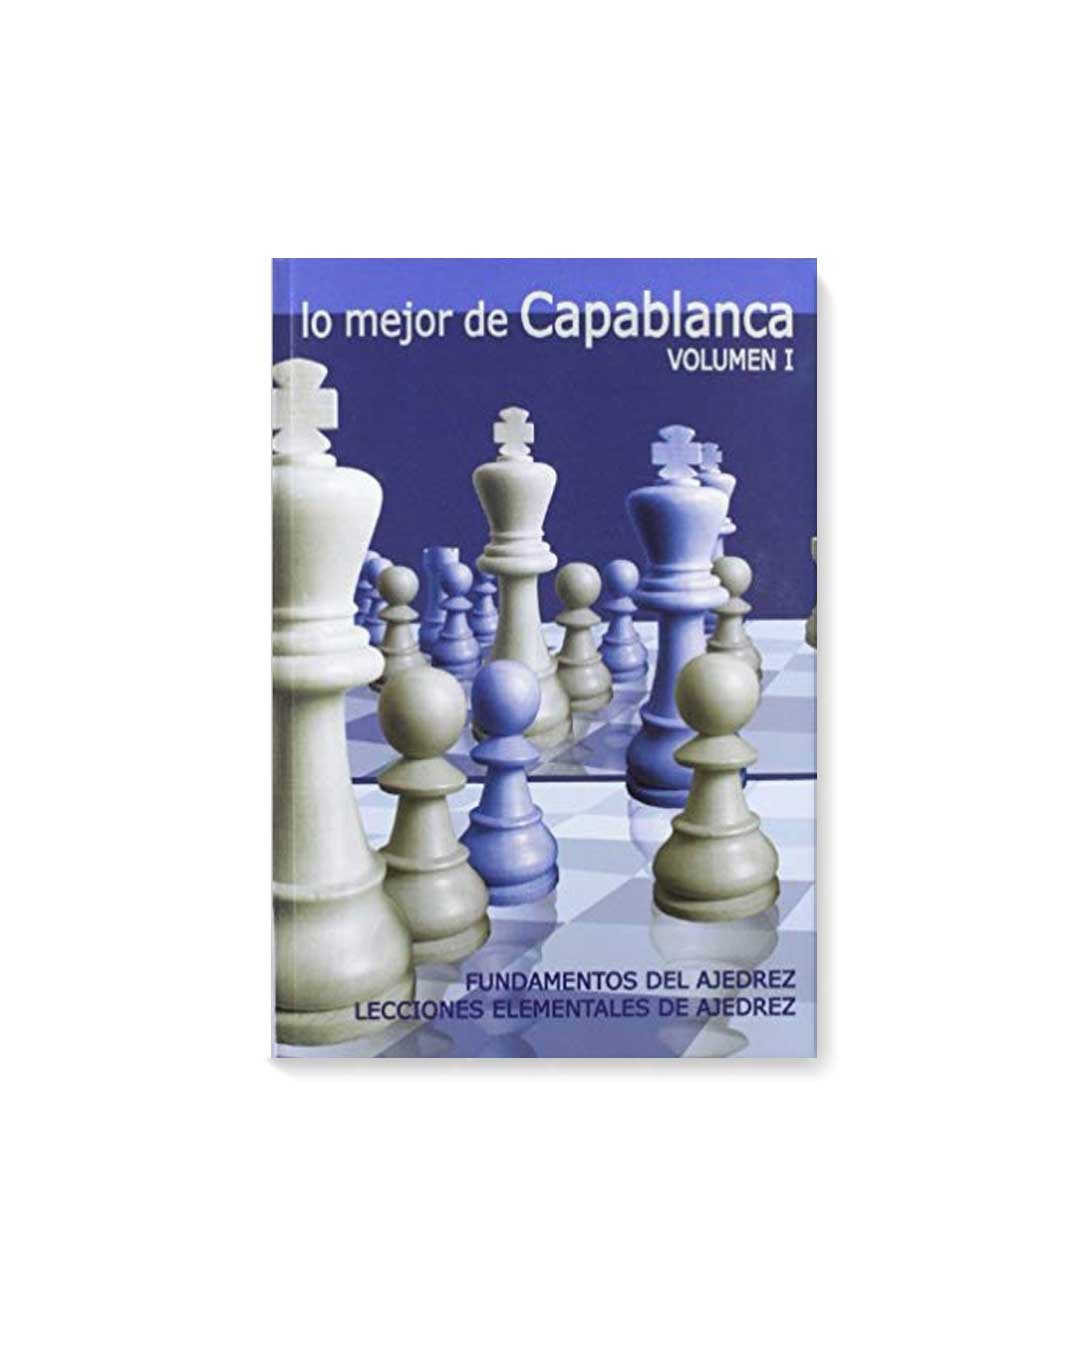 Lo mejor de Capablanca Vol.1 - Capablanca